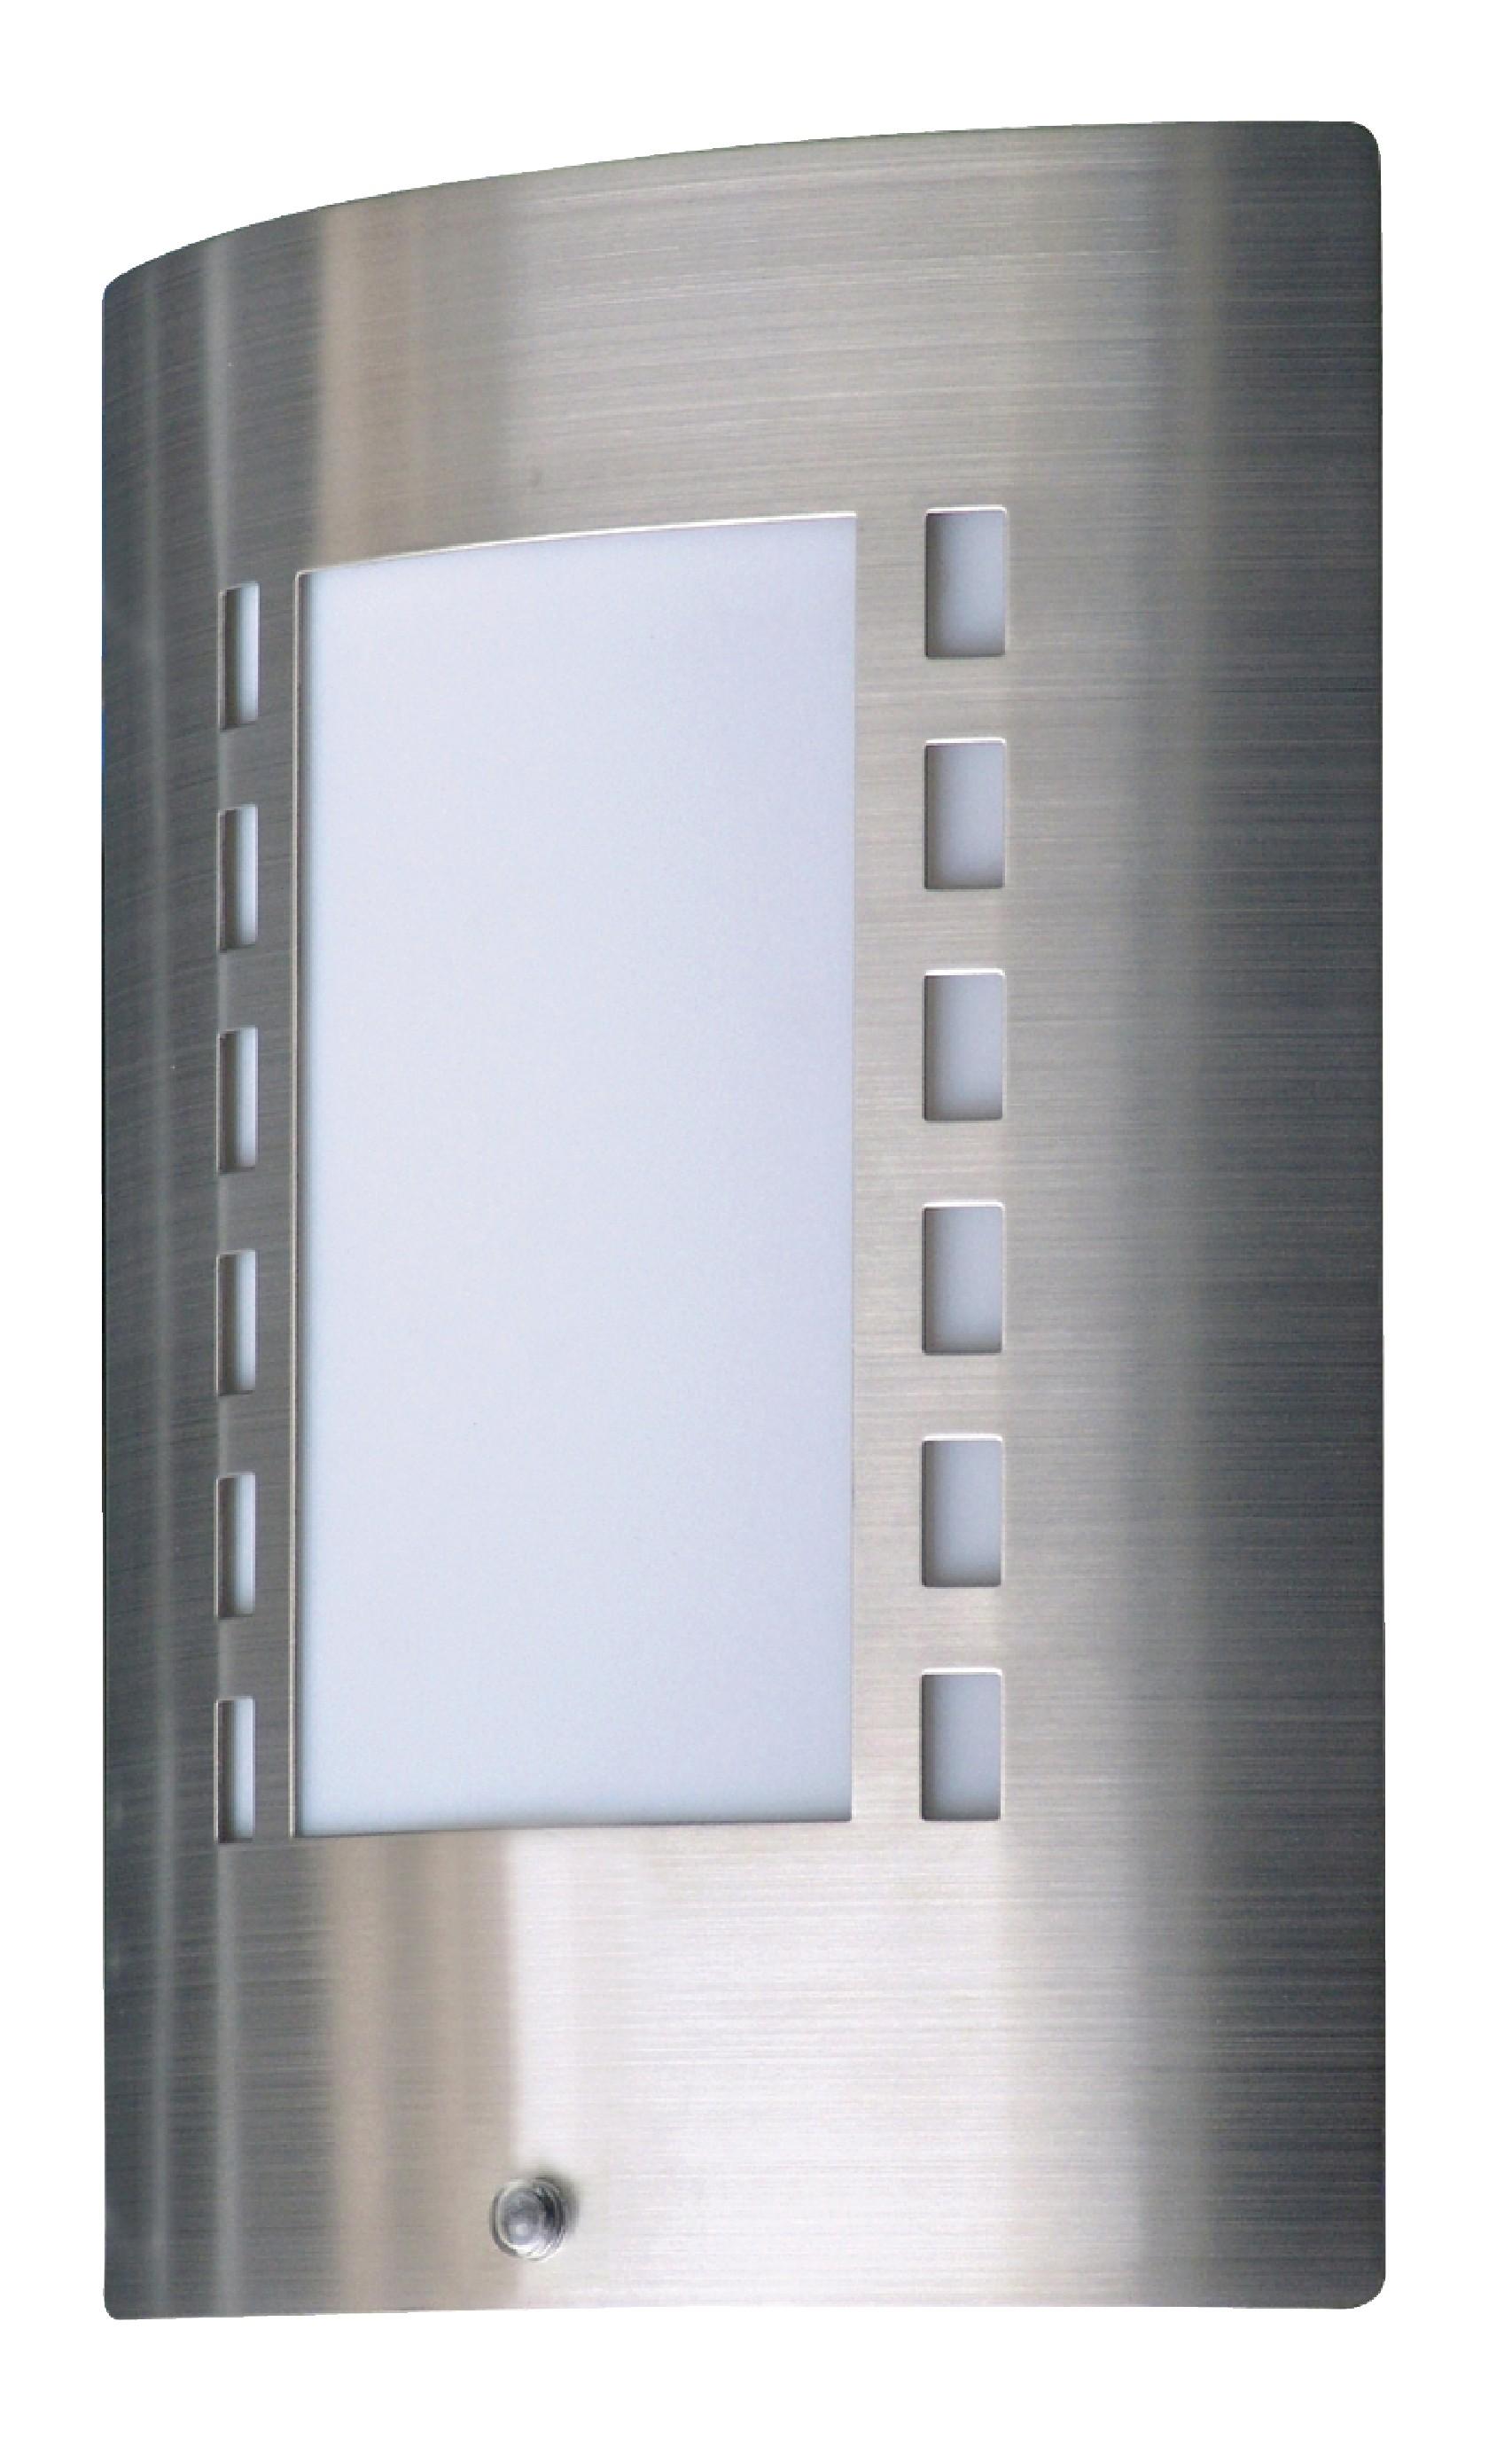 Venkovní nástěnné svítidlo E27 d/n Ranex RA-OUTDOOR5